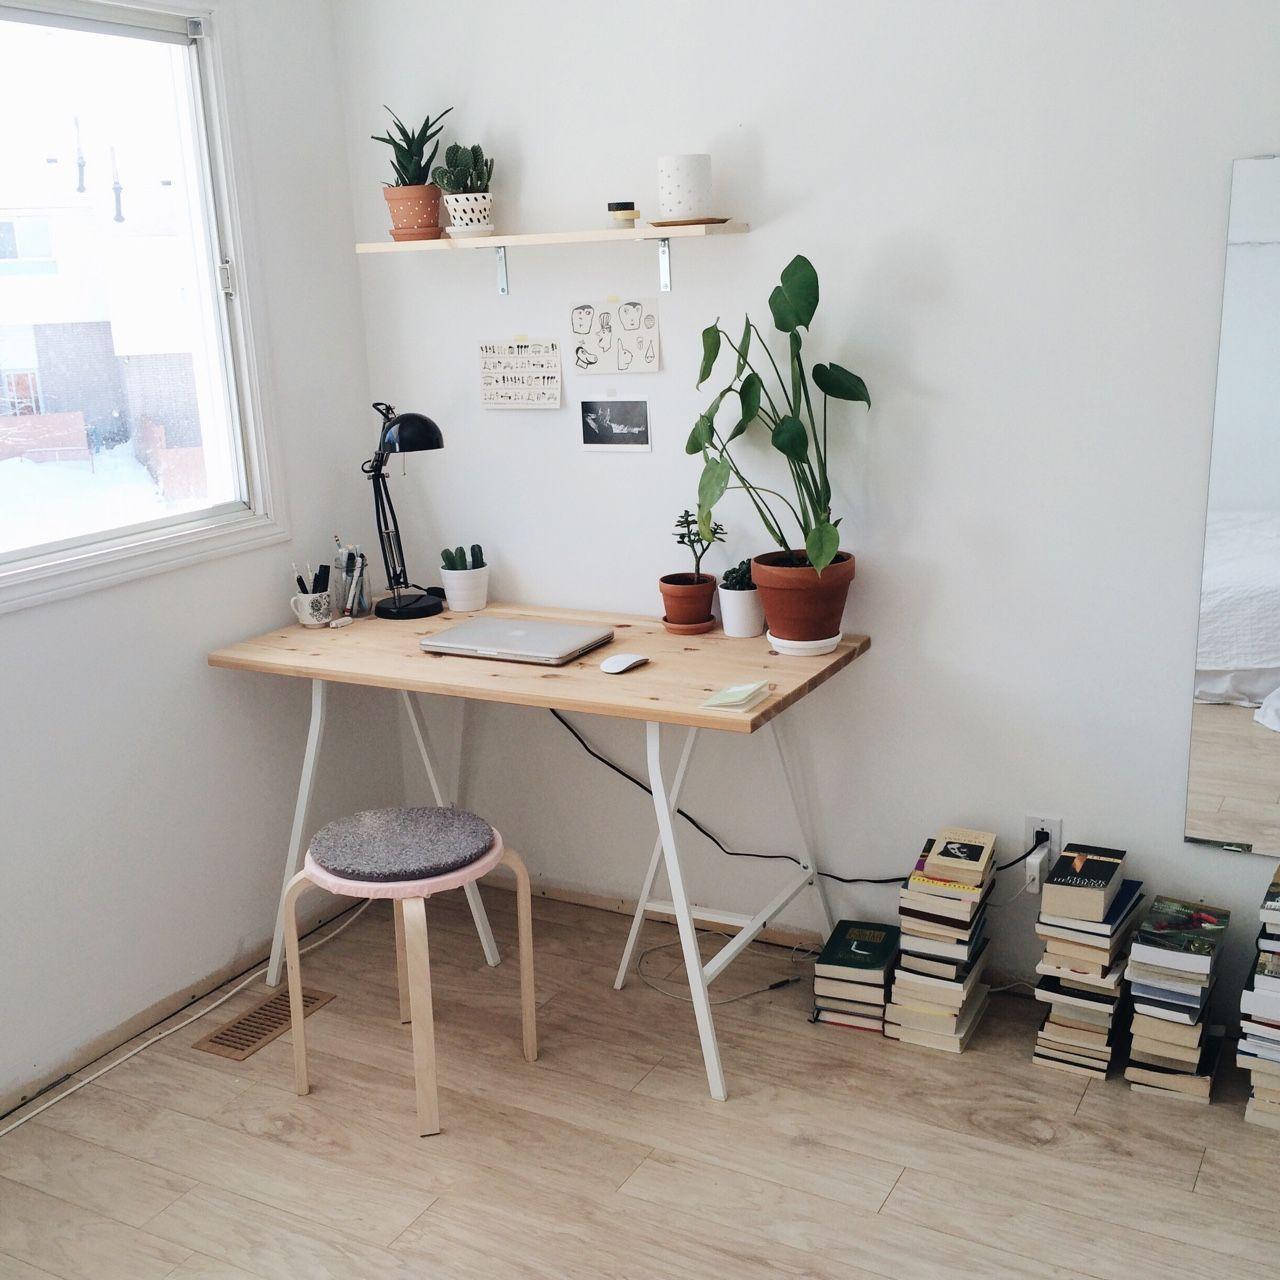 Minimalist Desk Space. Source: Pirumparum.tumblr.com